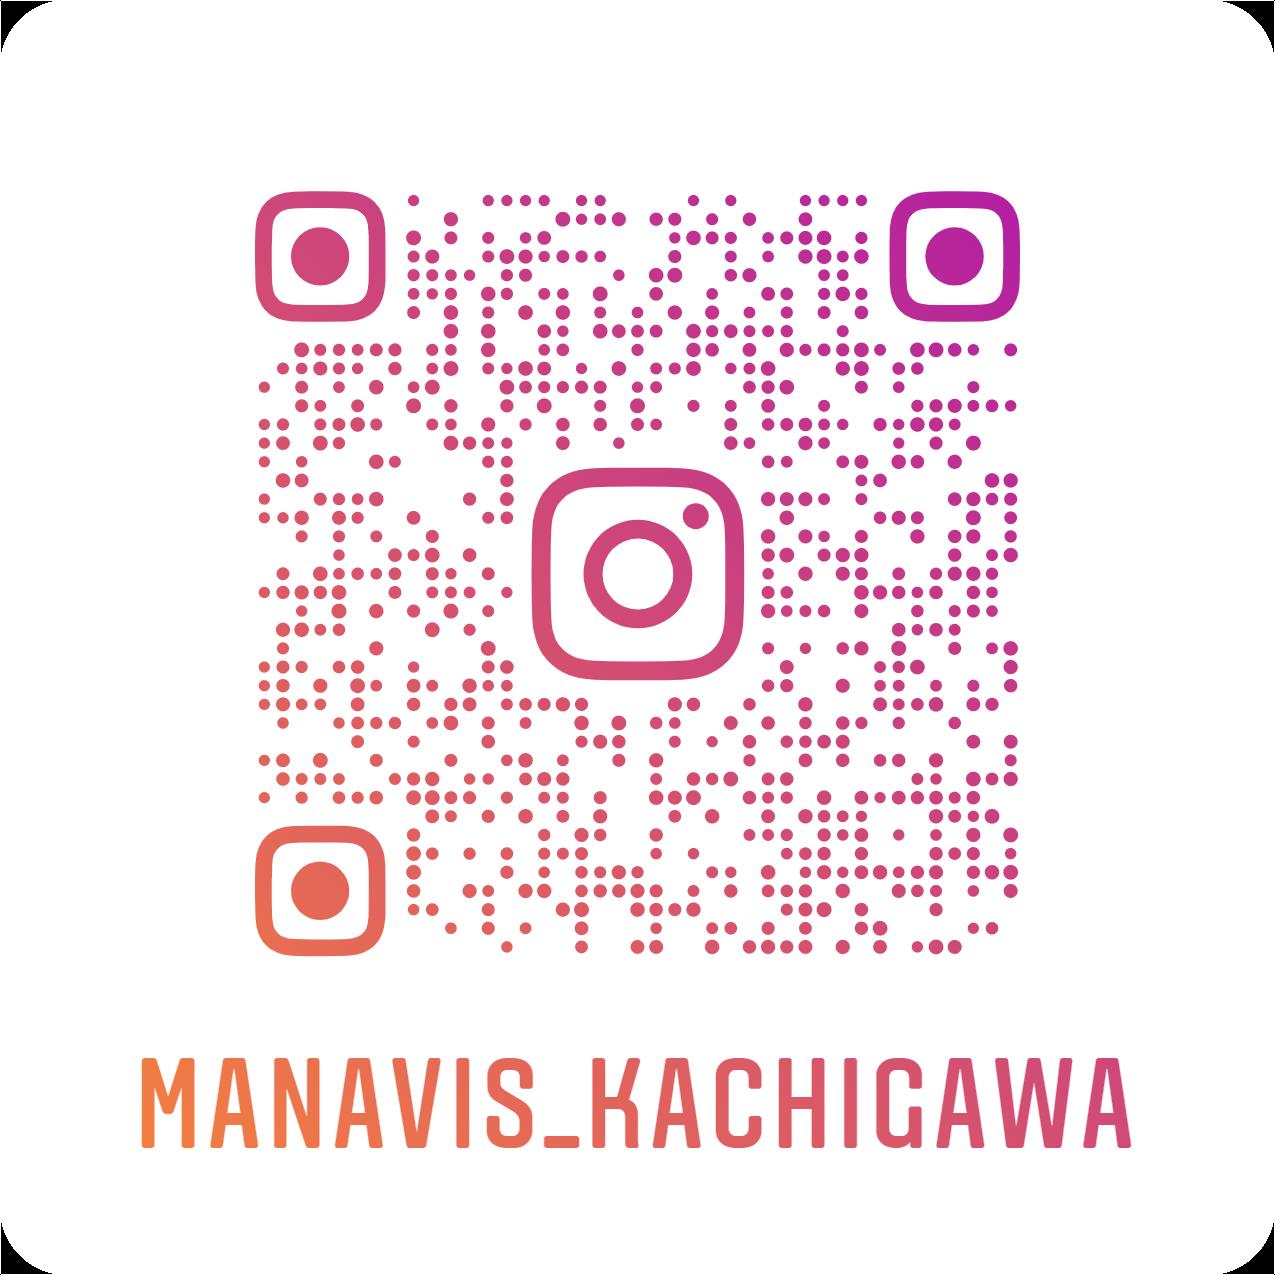 春日井市で大学受験するなら河合塾マナビス勝川校 勝川駅から徒歩5分 Instagram